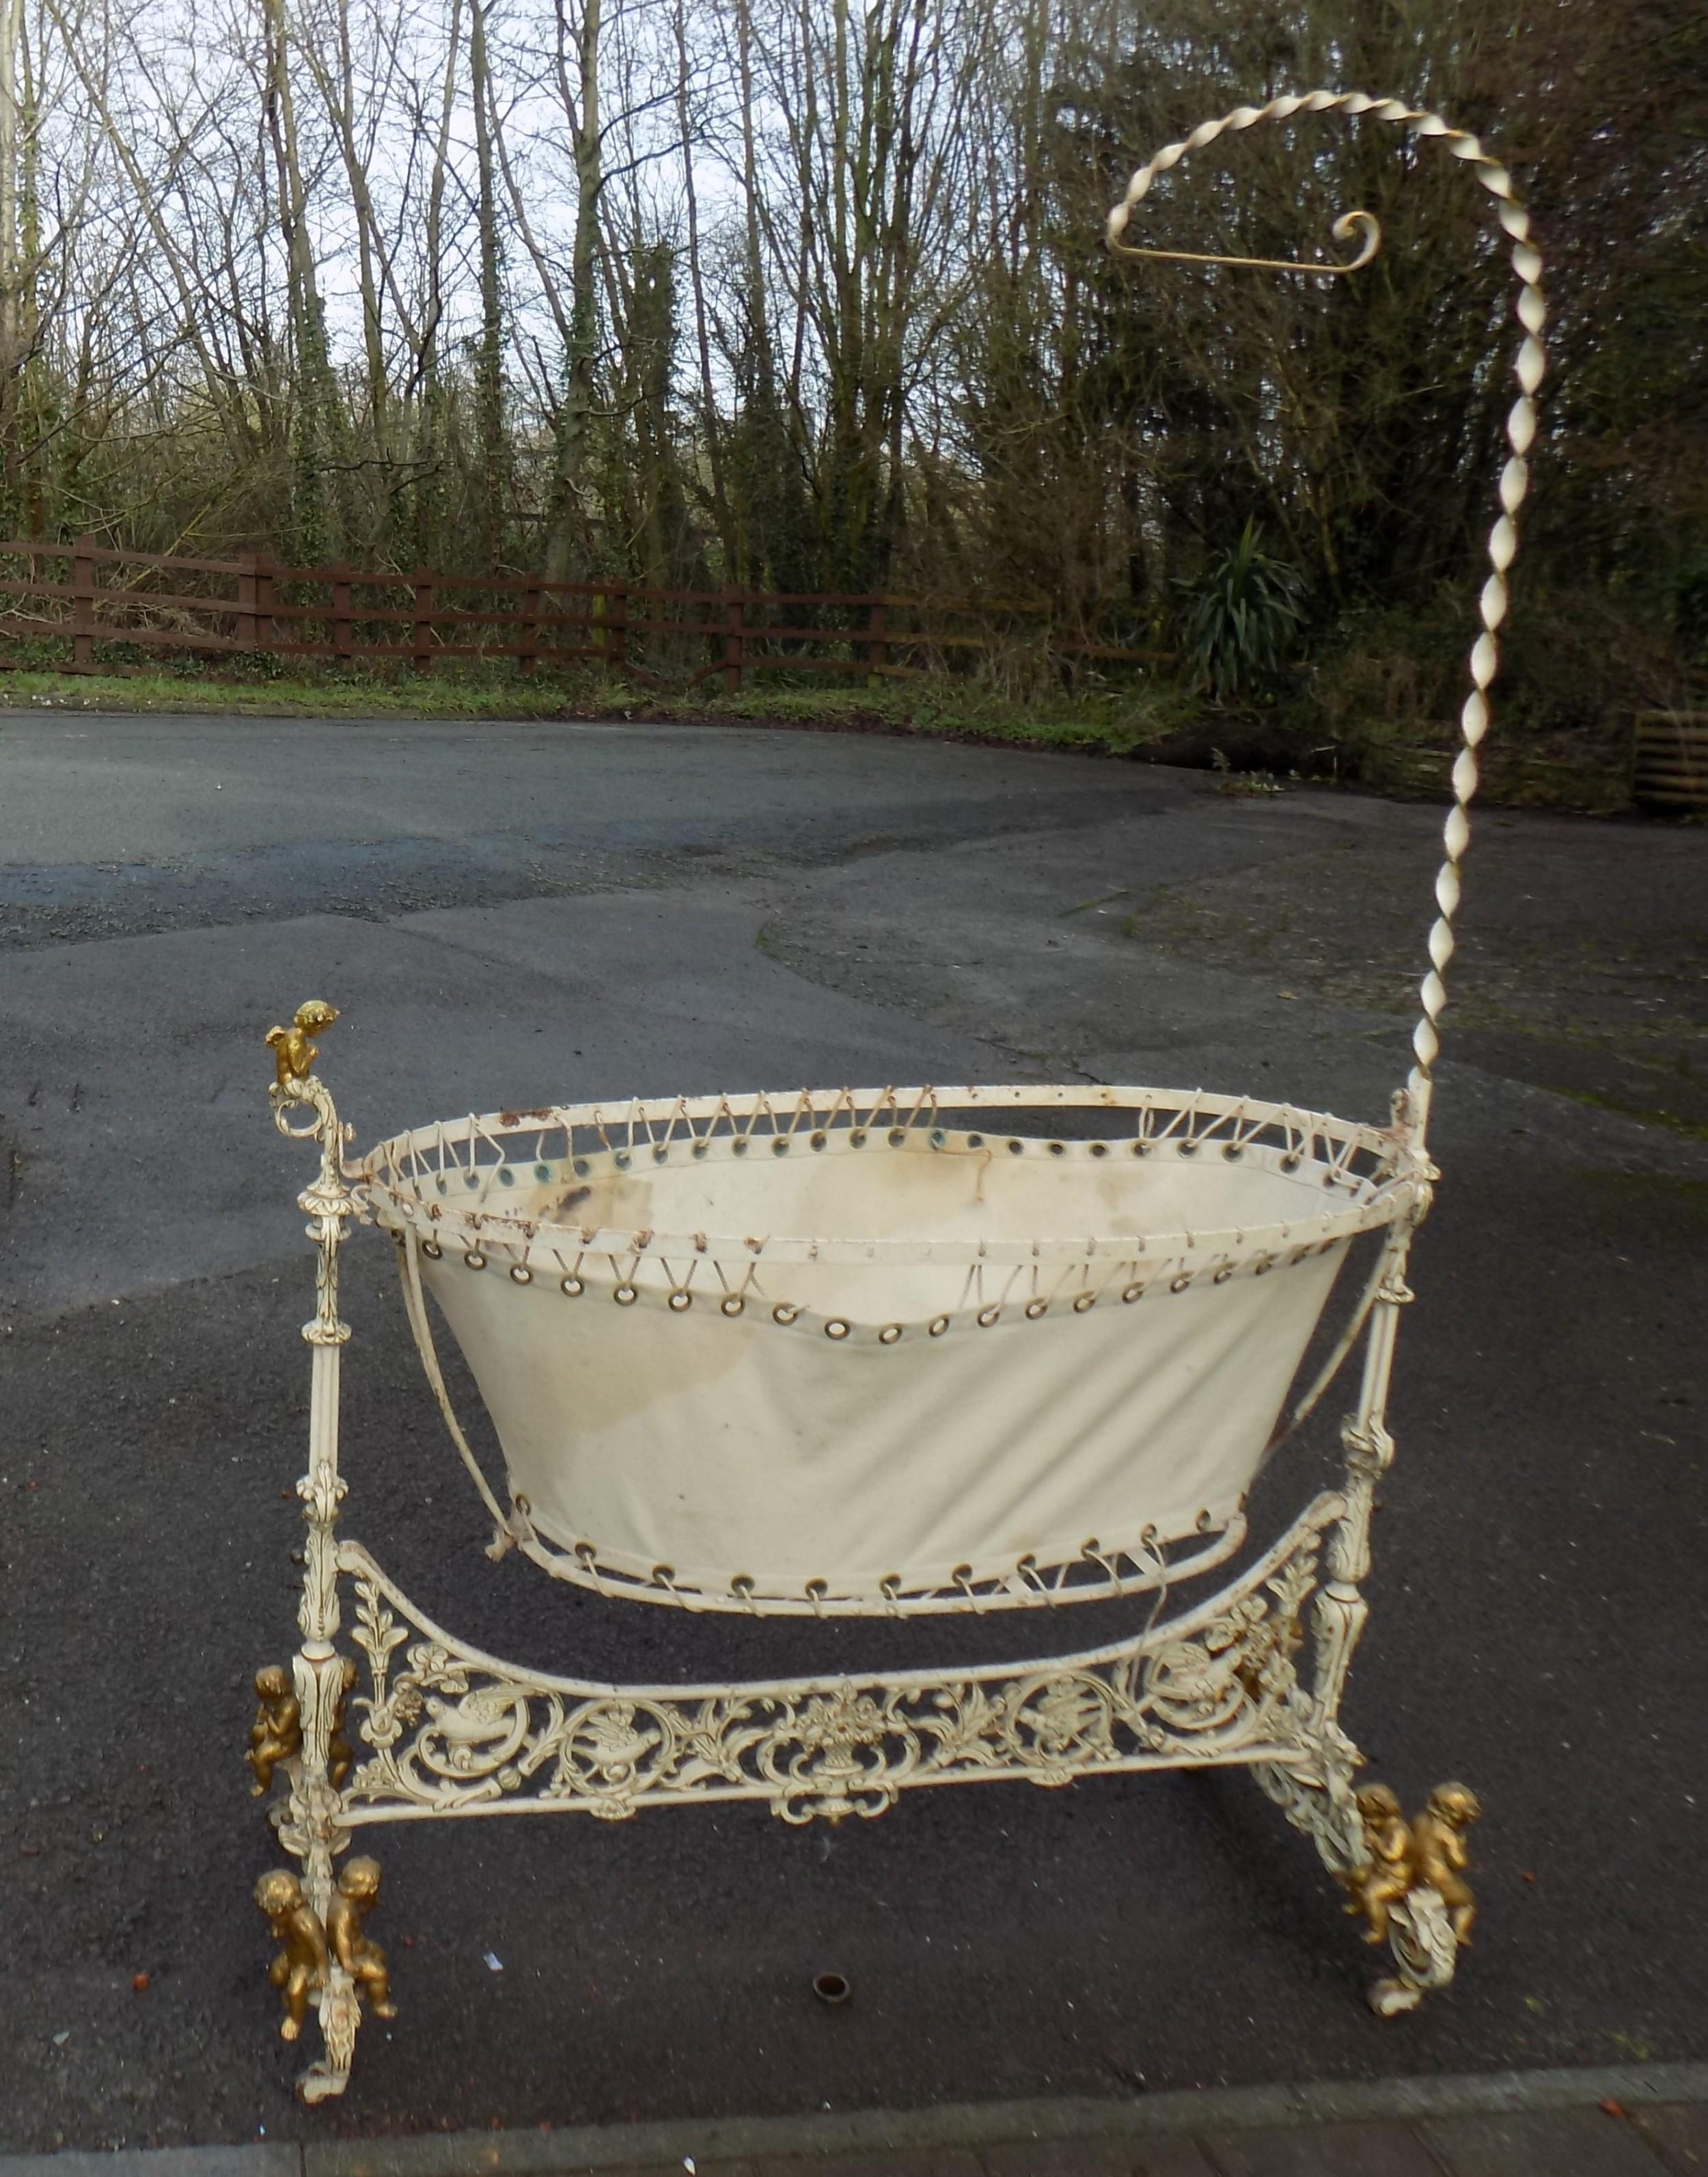 19th century cast iron rocking cradle